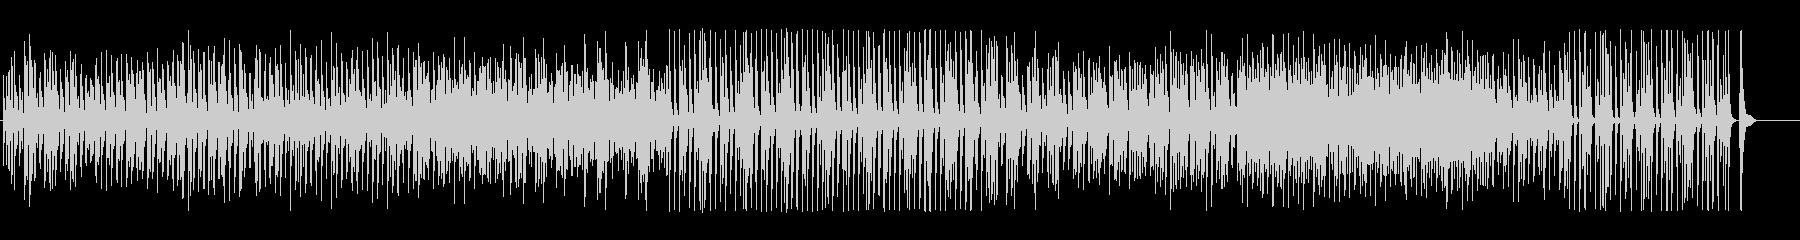 癒し可愛いピアノと弦楽団♪の未再生の波形